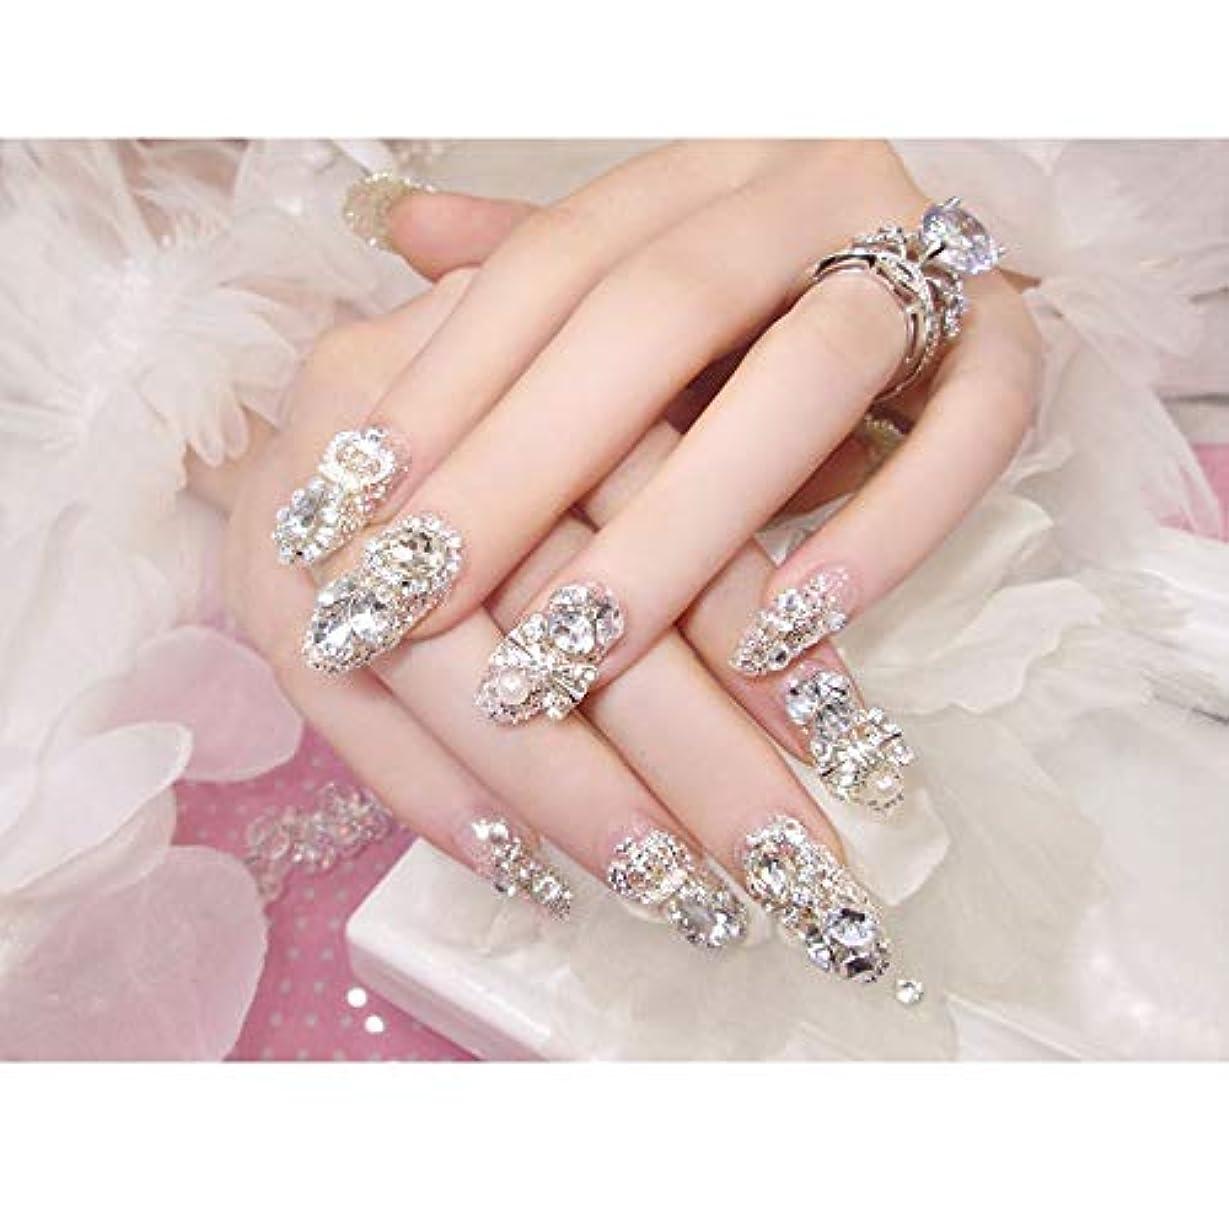 忘れっぽい指ペーストYESONEEP 完成した偽の釘が24個箱入り偽の爪は、宝石ブライダルネイルステッカーシャイン (色 : 24 pieces)